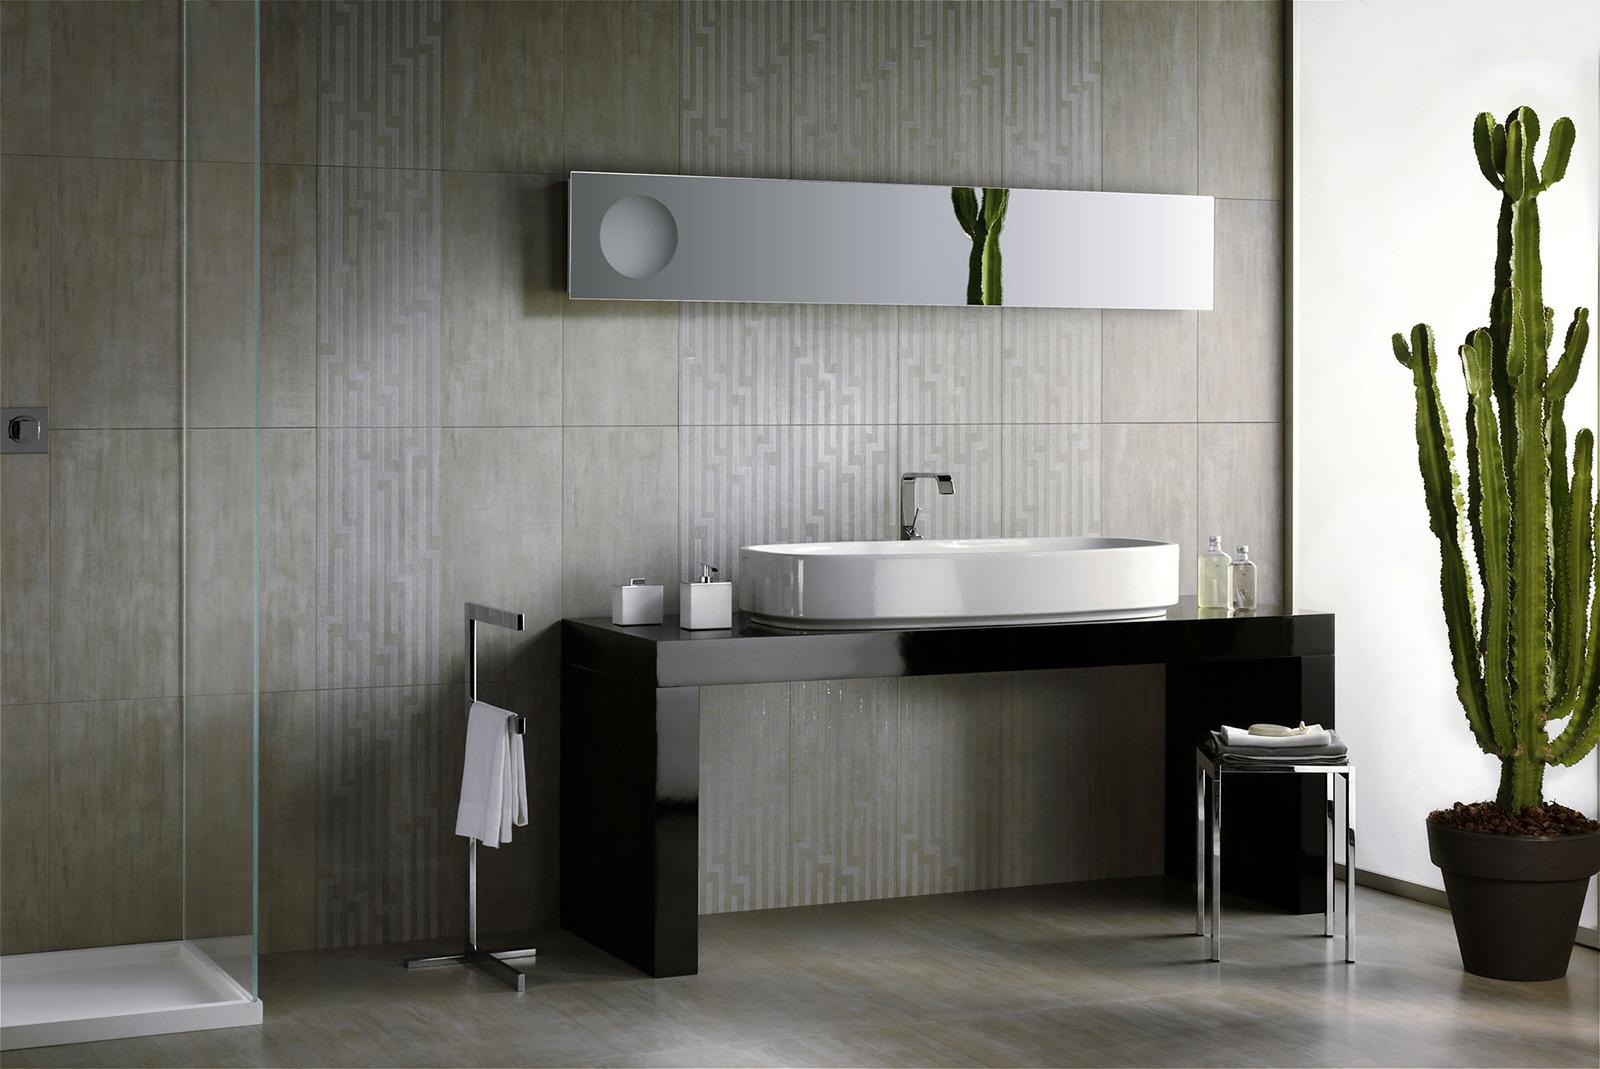 Fa ences salle de bains jr exposition for Faiences salle de bains